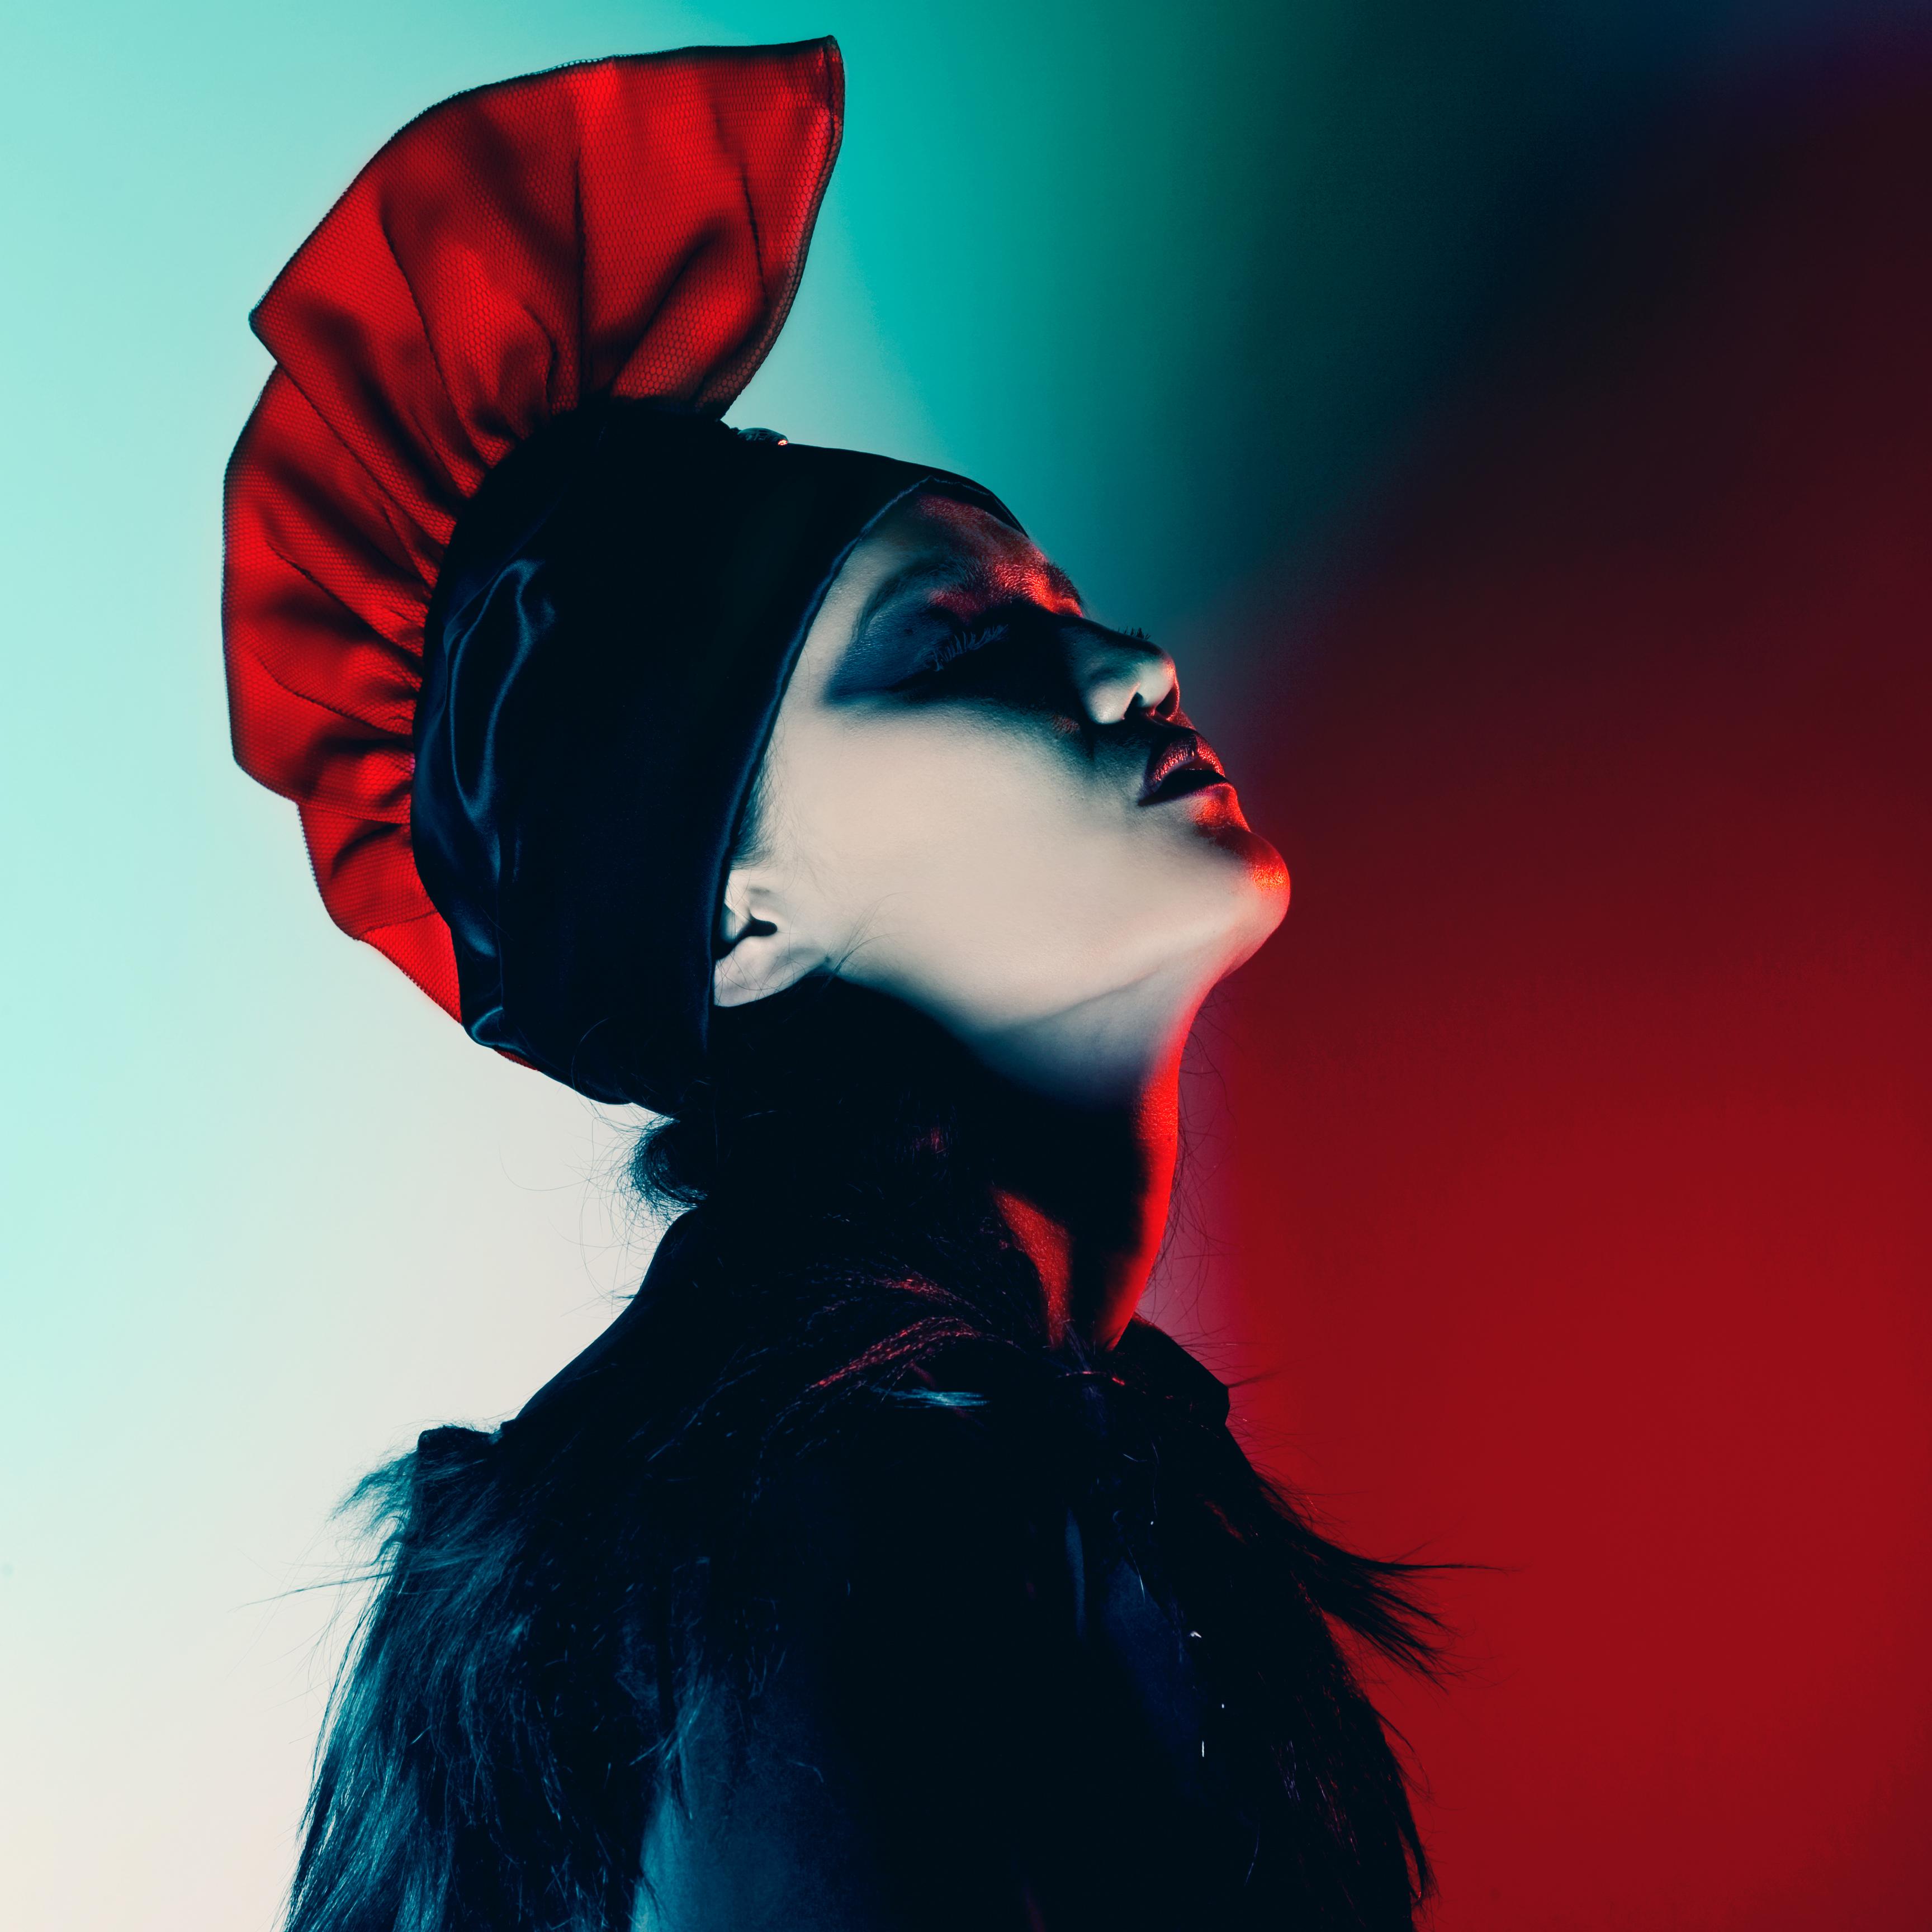 Red Punk by Kulood Thani